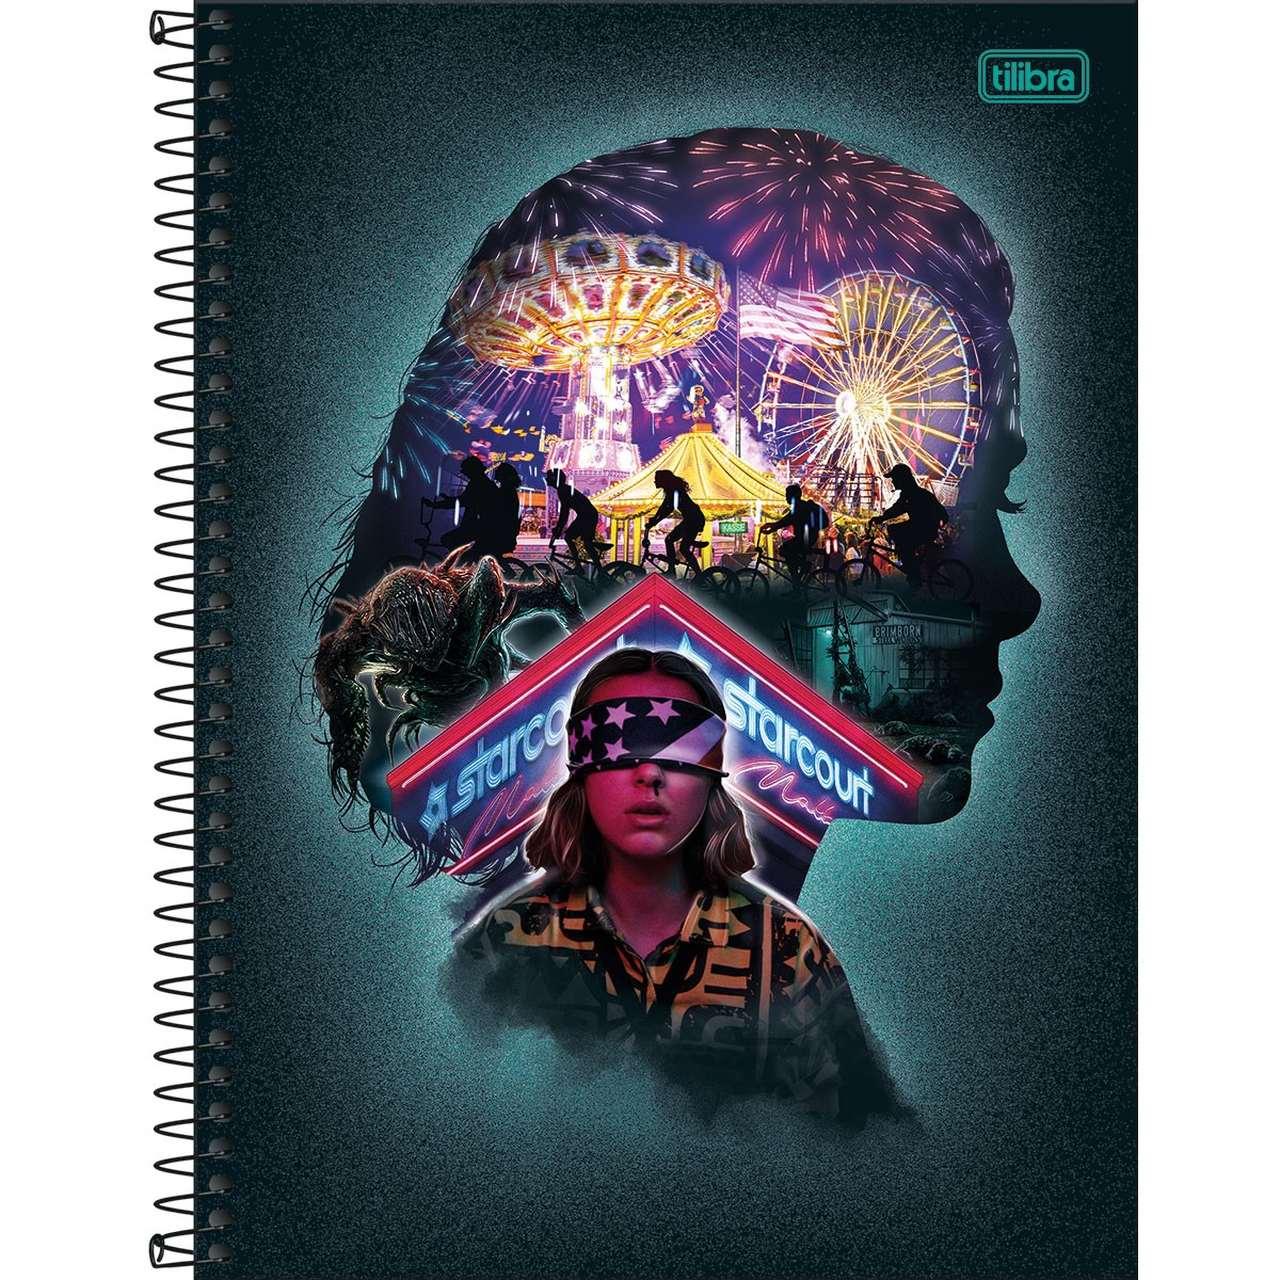 Caderno Espiral Capa Dura Universitário 1 Matéria Settranger Things Eleven 80 Folhas